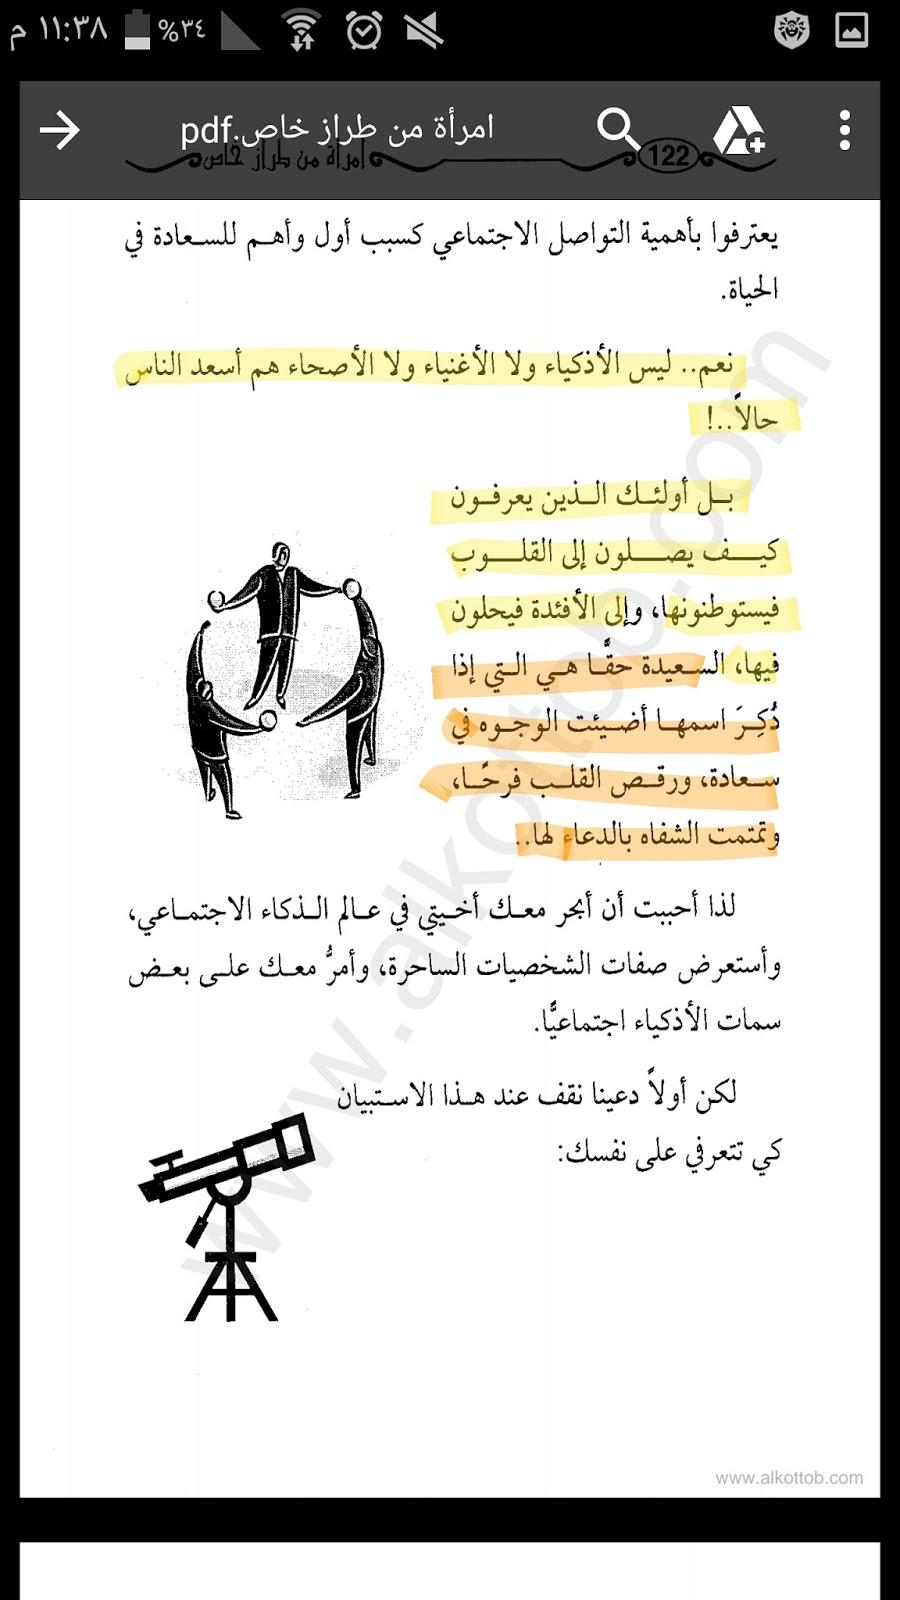 تحميل كتاب امومتي غاده الغنيمان pdf